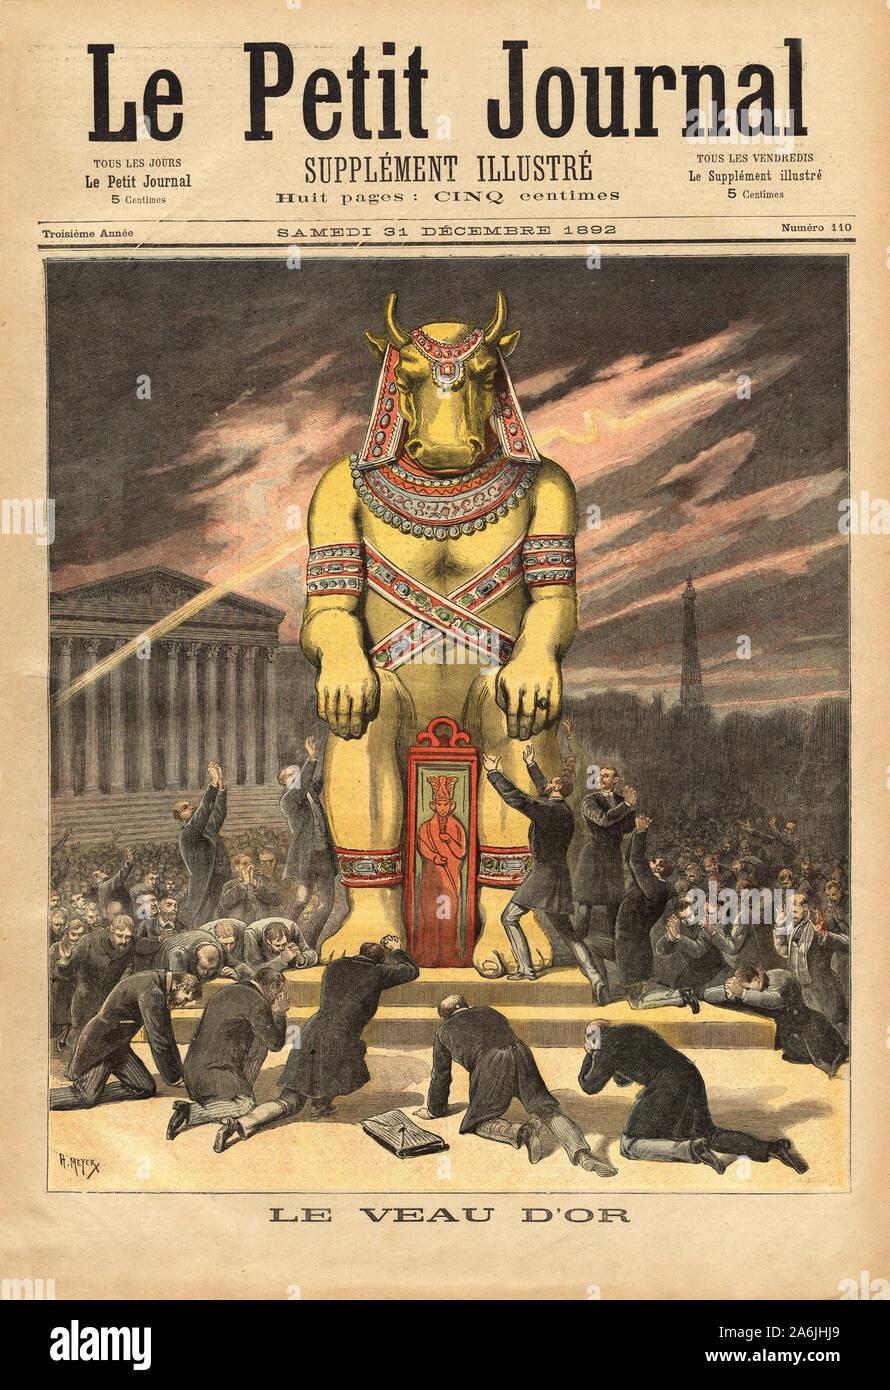 Les deputes Francais, devant Les Marches de l'Assemblee Nationale, agenouilles gießen Anbeterin le veau d'Or, Symbole de l'Idolatrie, materialisme et de l' Stockfoto